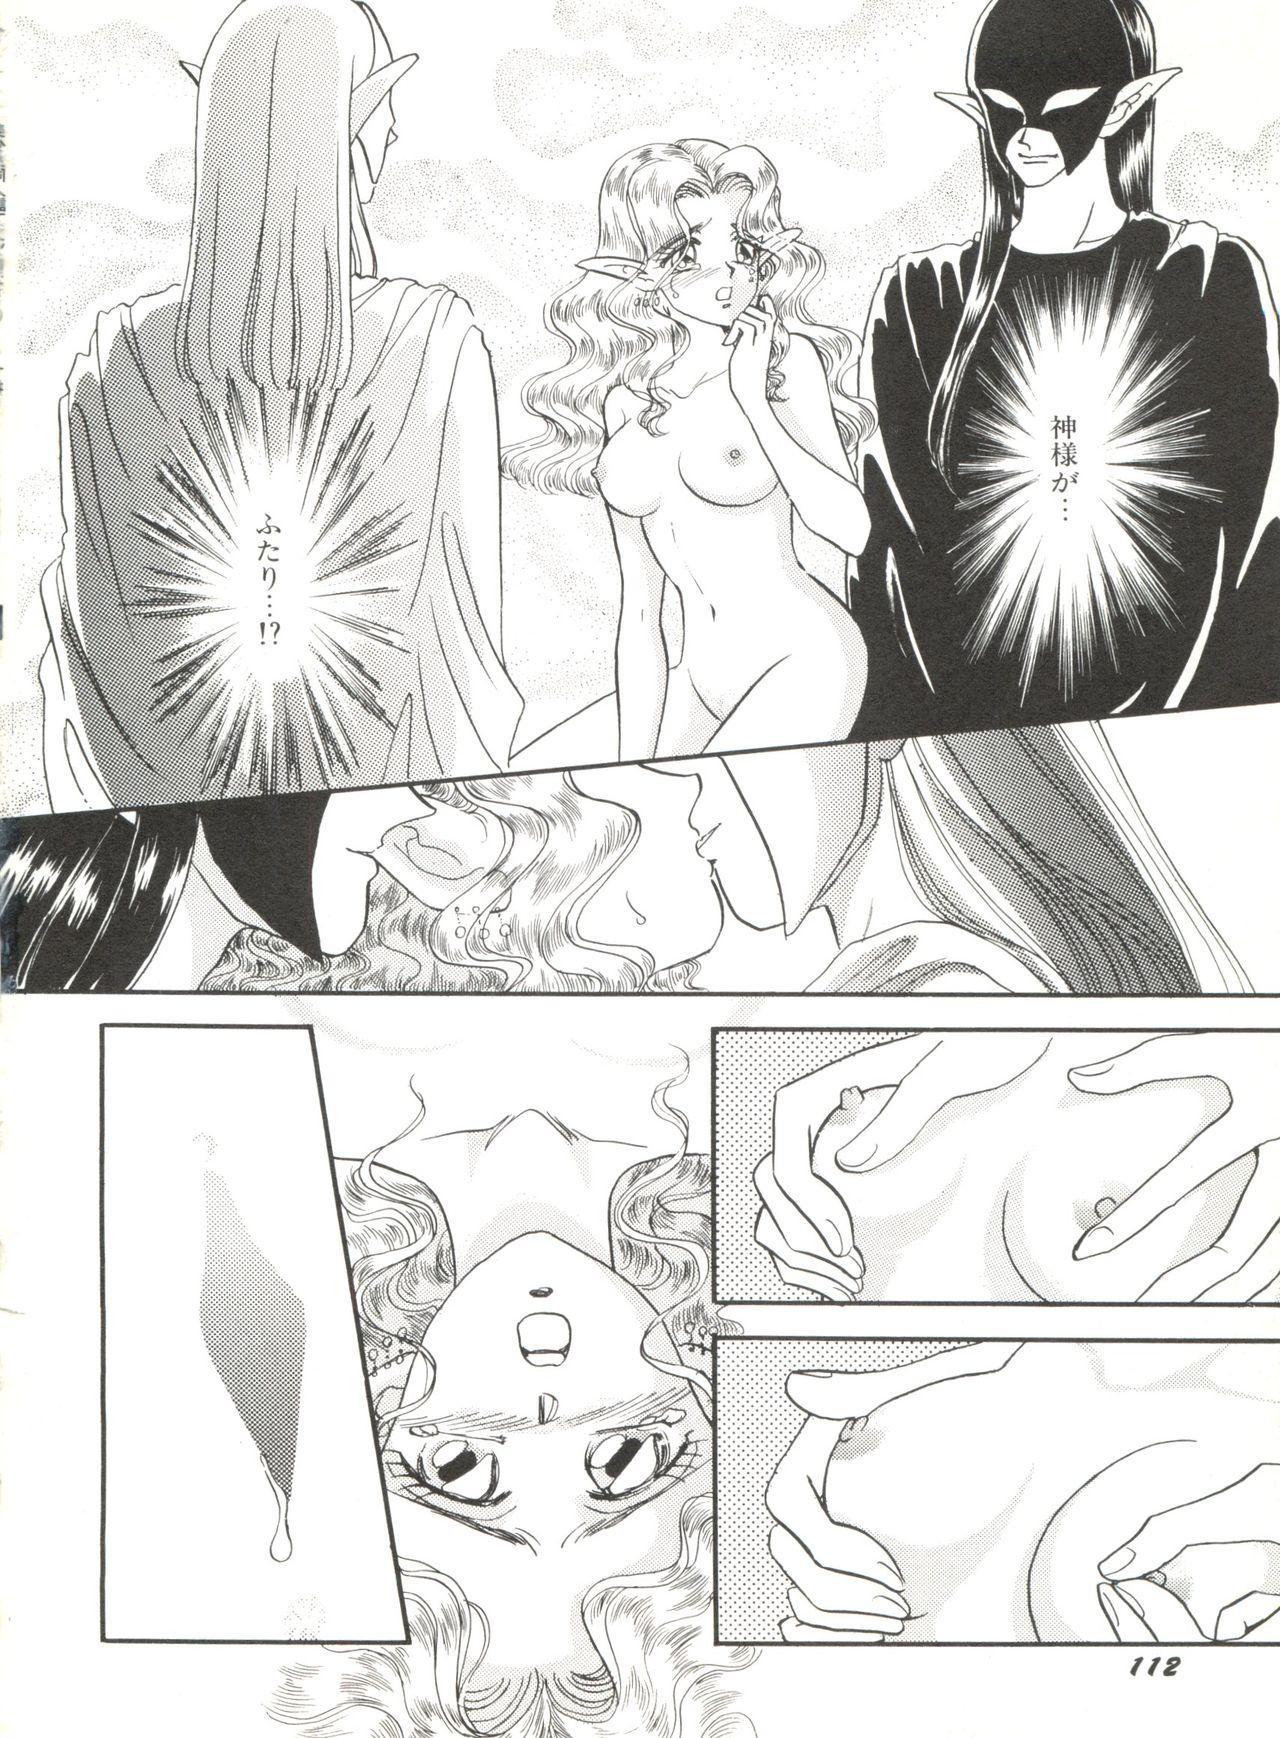 Bishoujo Doujinshi Anthology 6 115